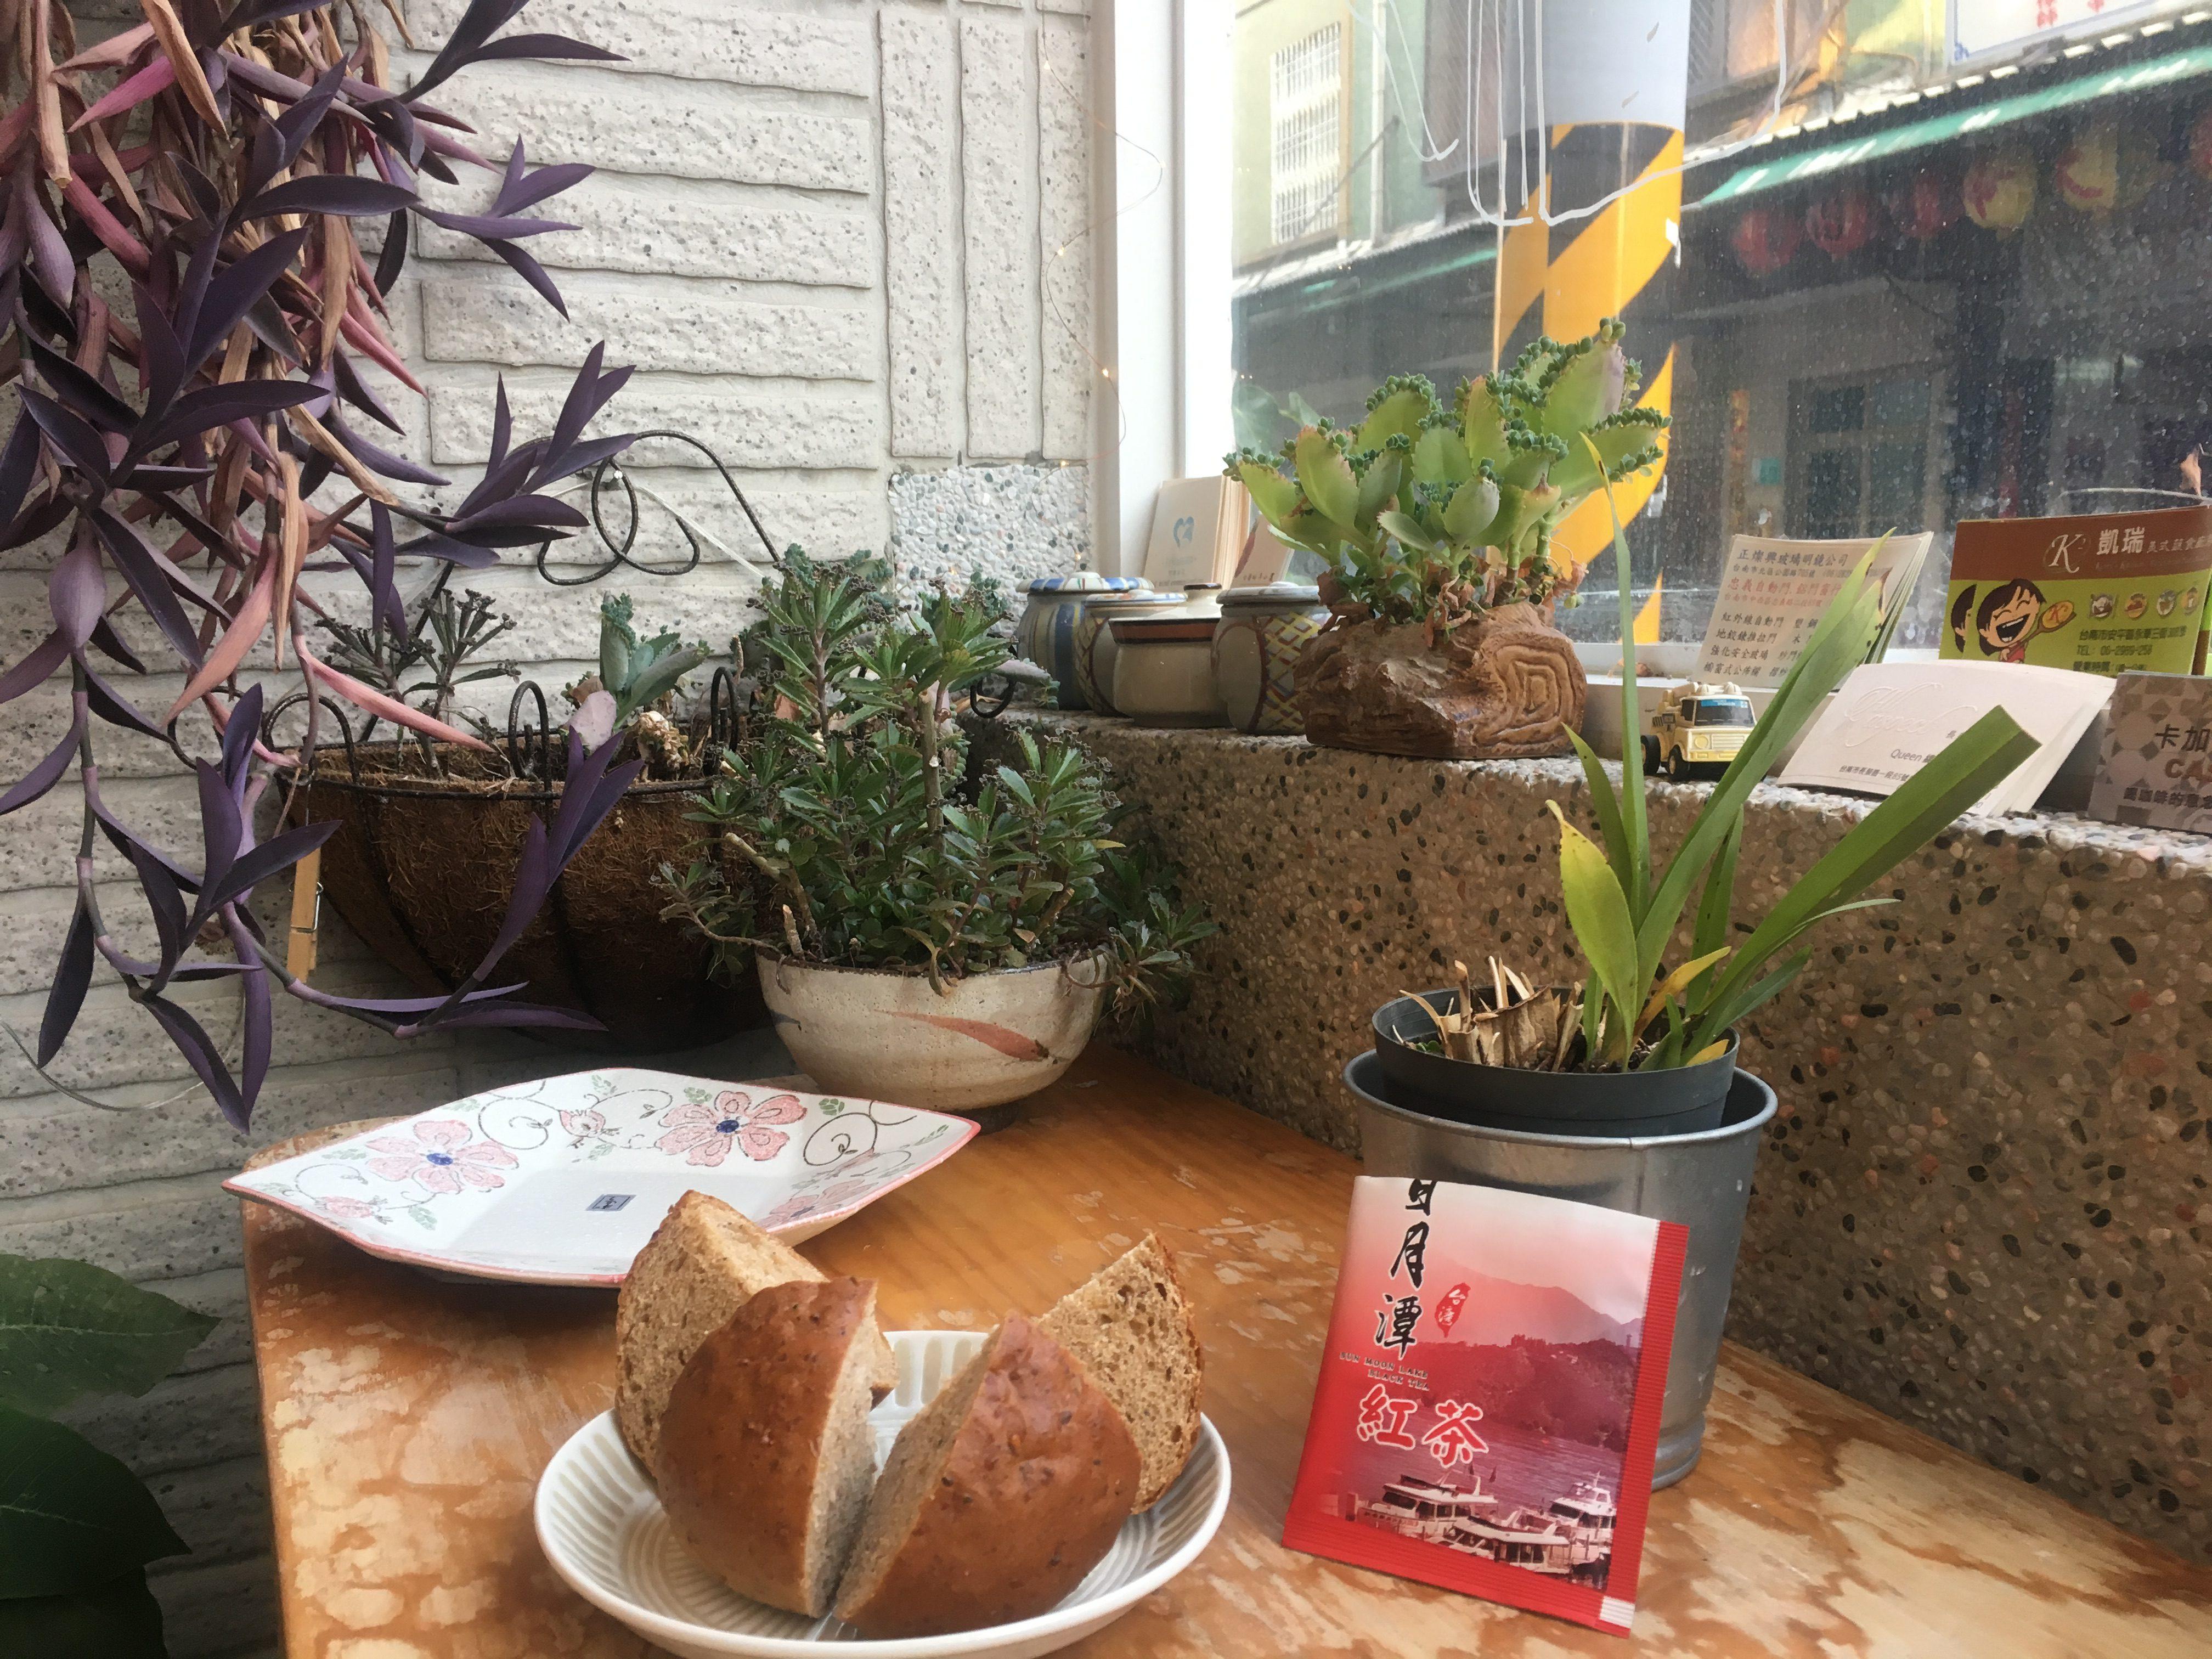 Special Taiwanese tea and malt bun at vegan bakery, Tainan